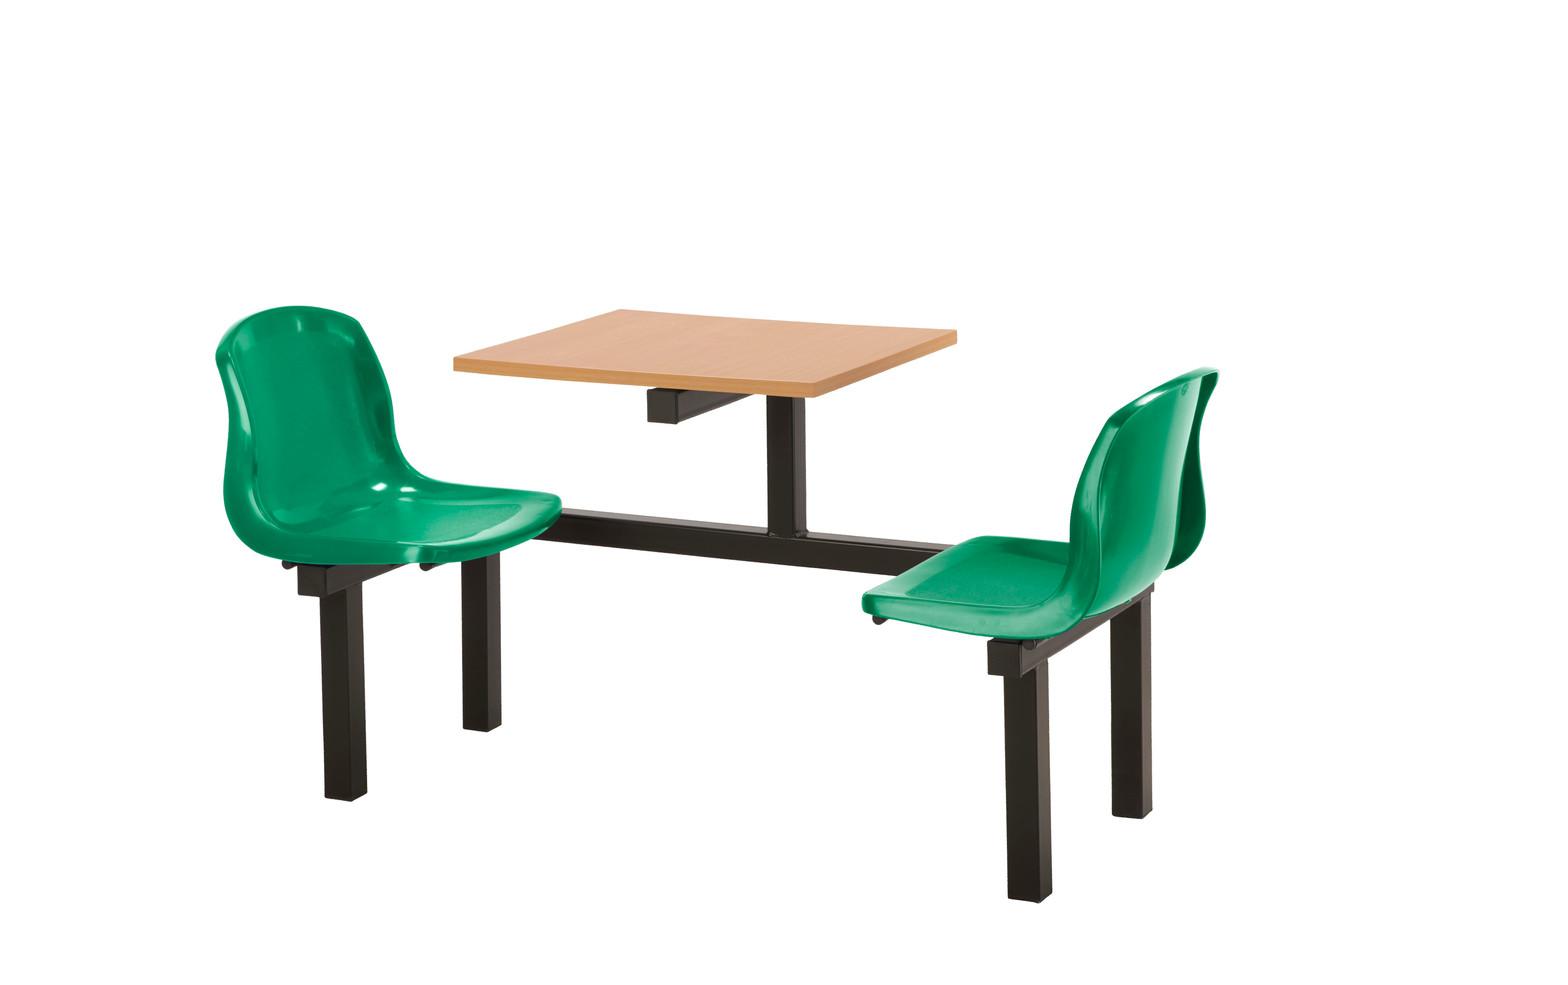 CU90-2SF-GREEN - BEECH